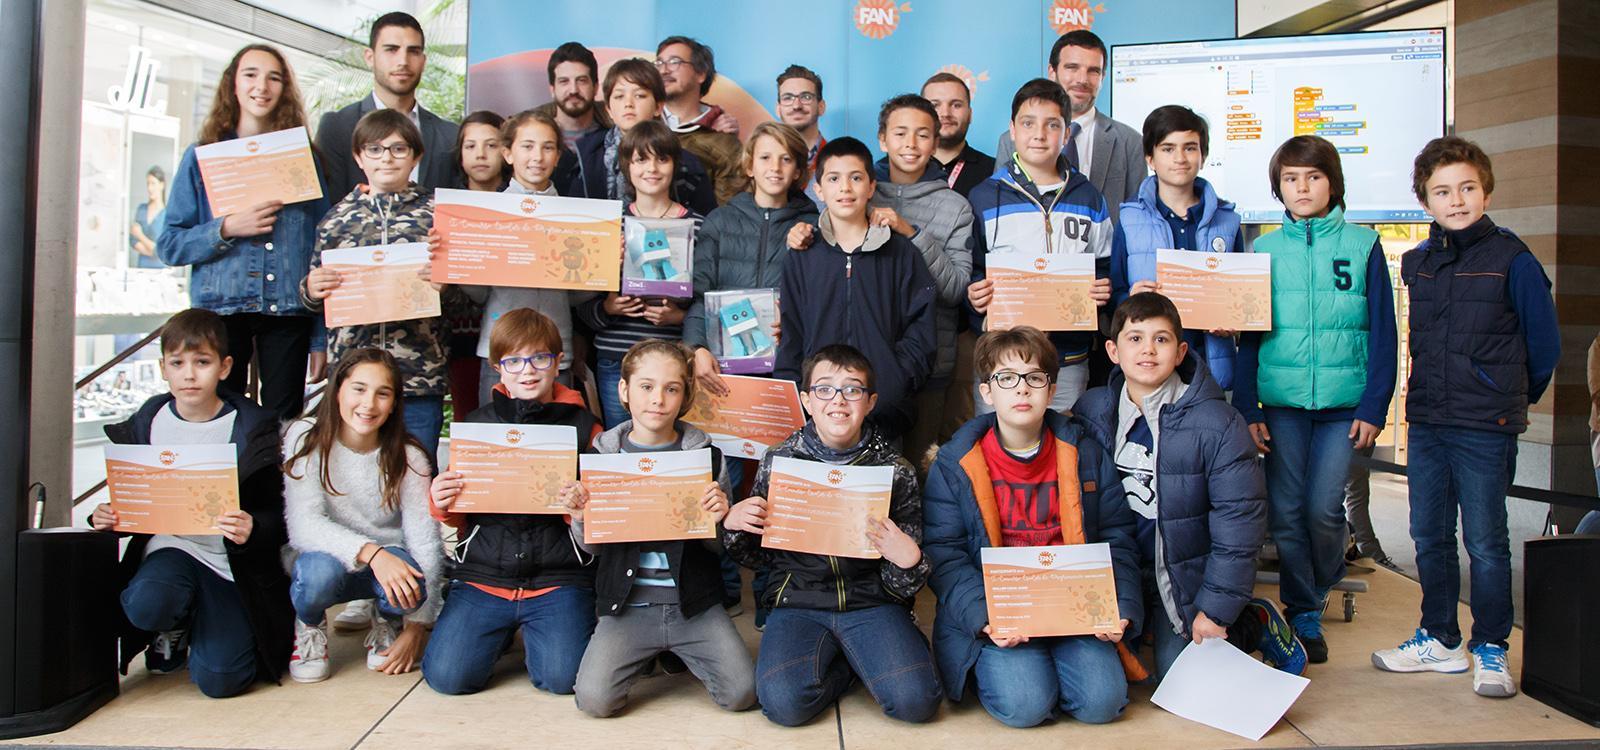 FAN Mallorca Shopping acoge la entrega de premios de su primer Concurso de Innovación